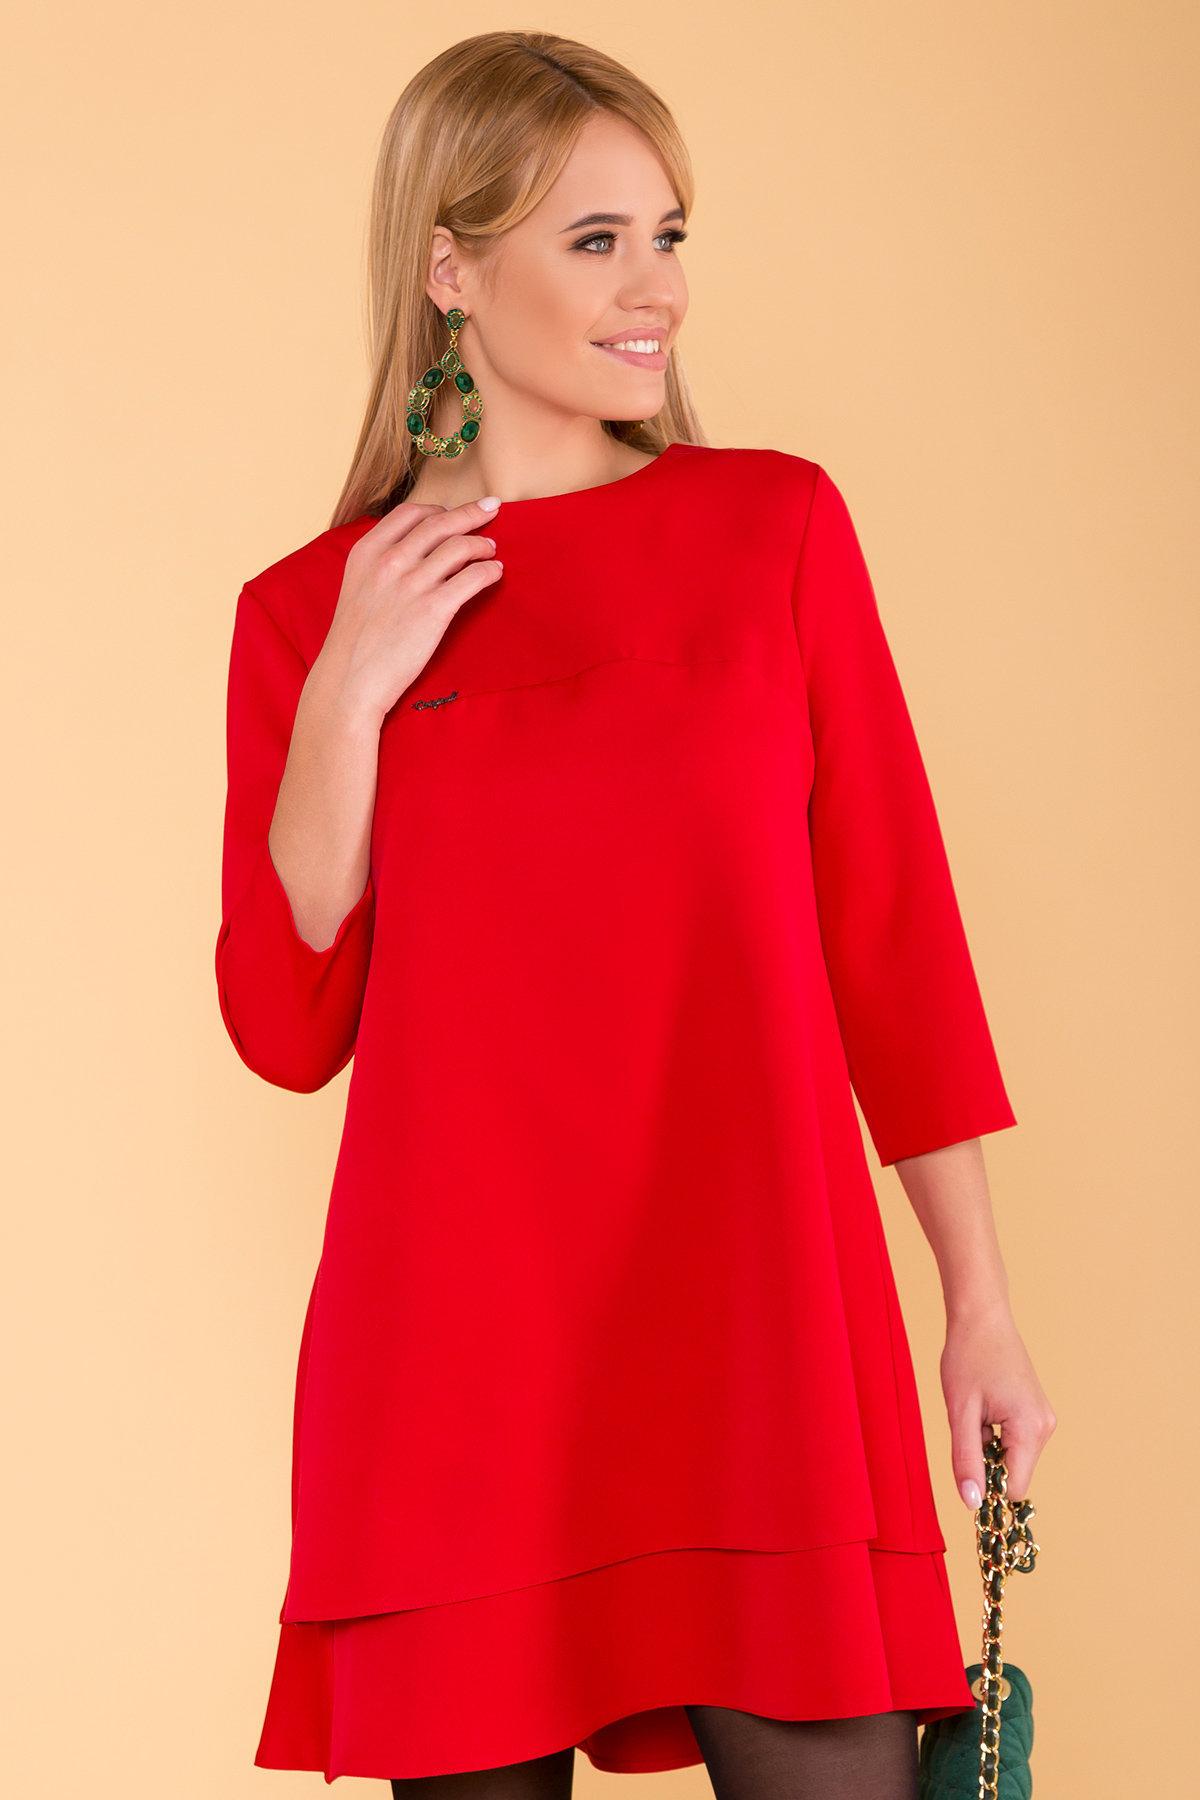 Двухуровневое платье Далафер 8517 АРТ. 44829 Цвет: Красный - фото 3, интернет магазин tm-modus.ru